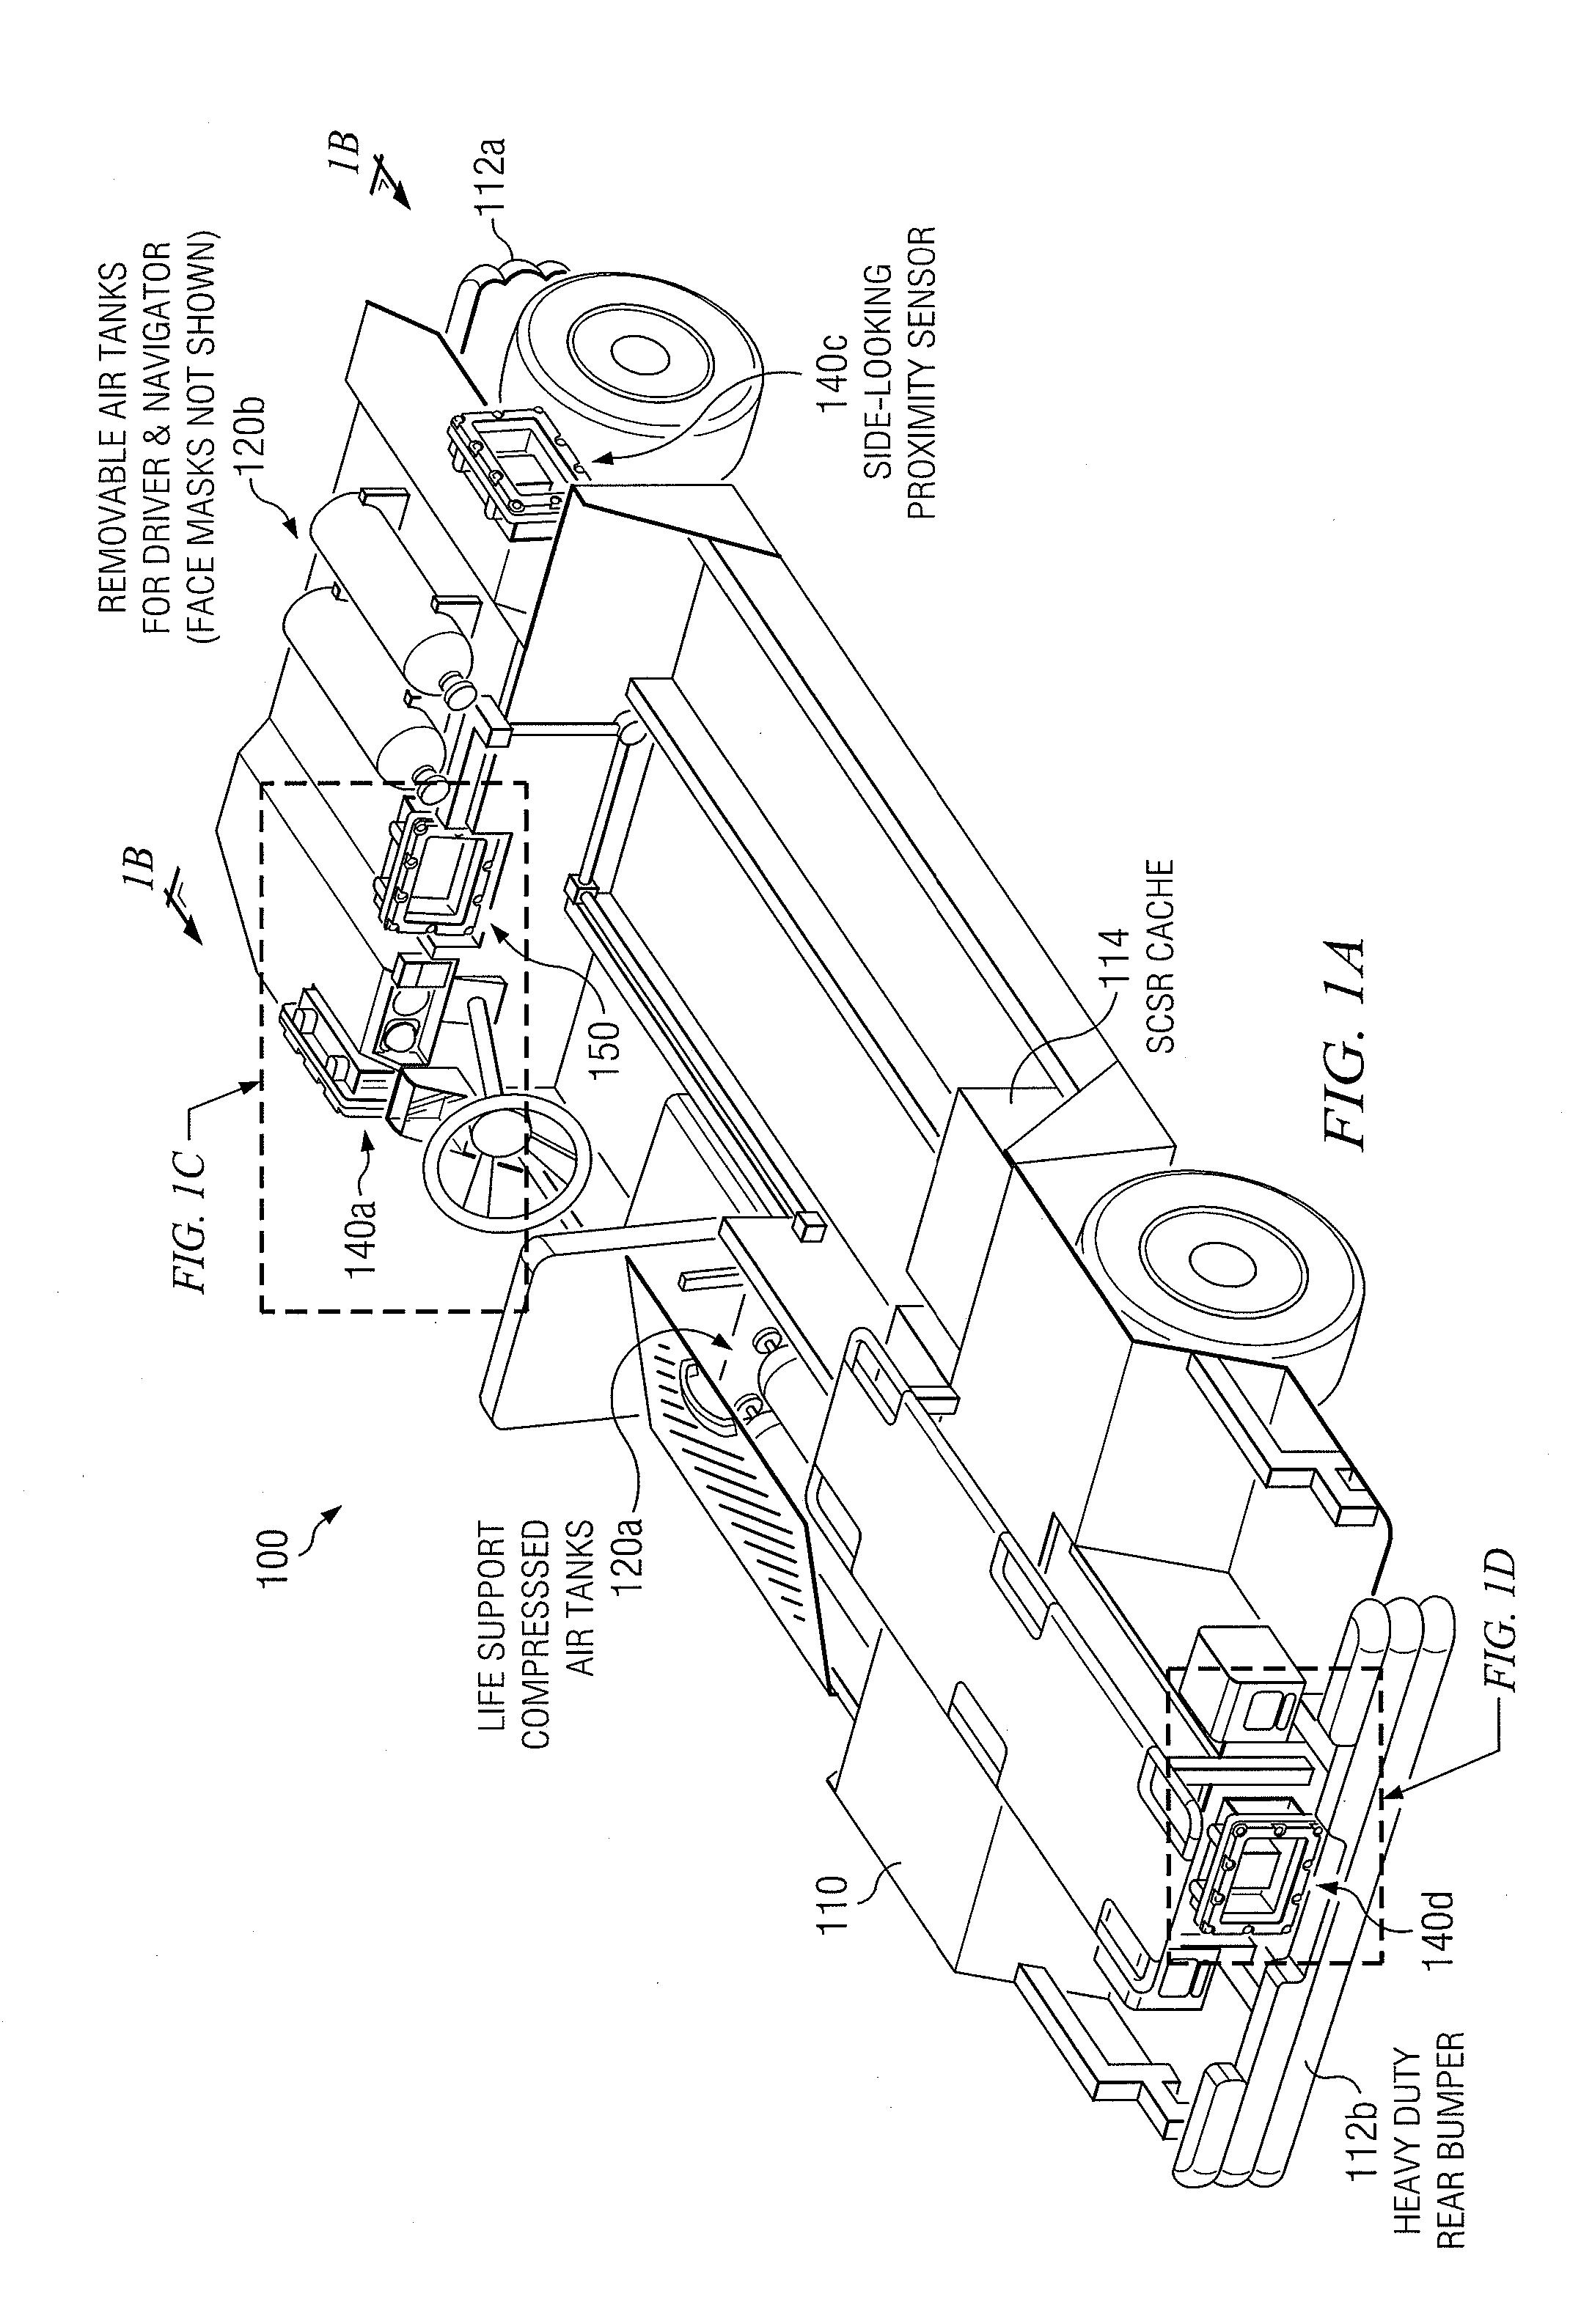 land rover series 1 wiring diagram land image land rover series ii wiring diagram images wiring diagram on on land rover series 1 wiring